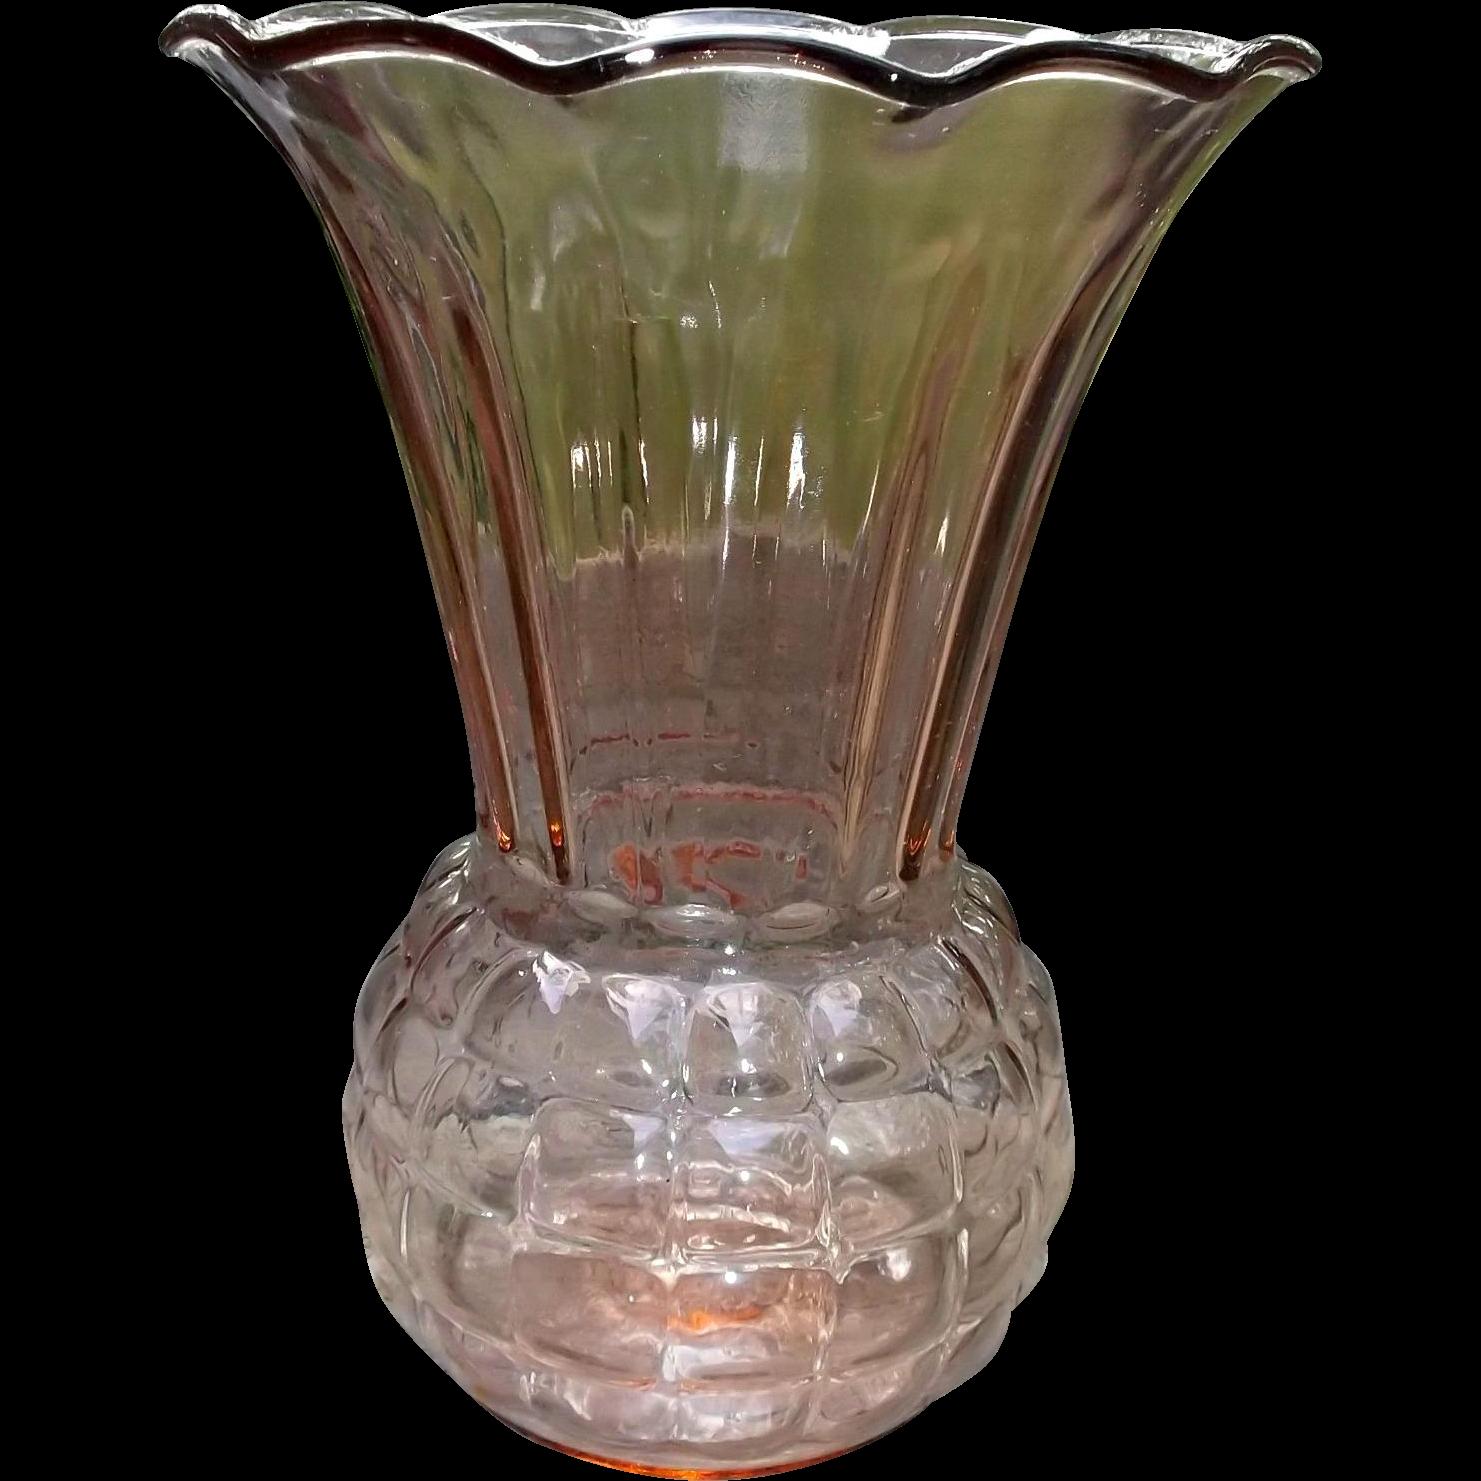 Anchor hocking pink glass pineapple vase vintage home decor anchor hocking pink glass pineapple vase vintage home decor saltymaggies treasures ruby lane reviewsmspy